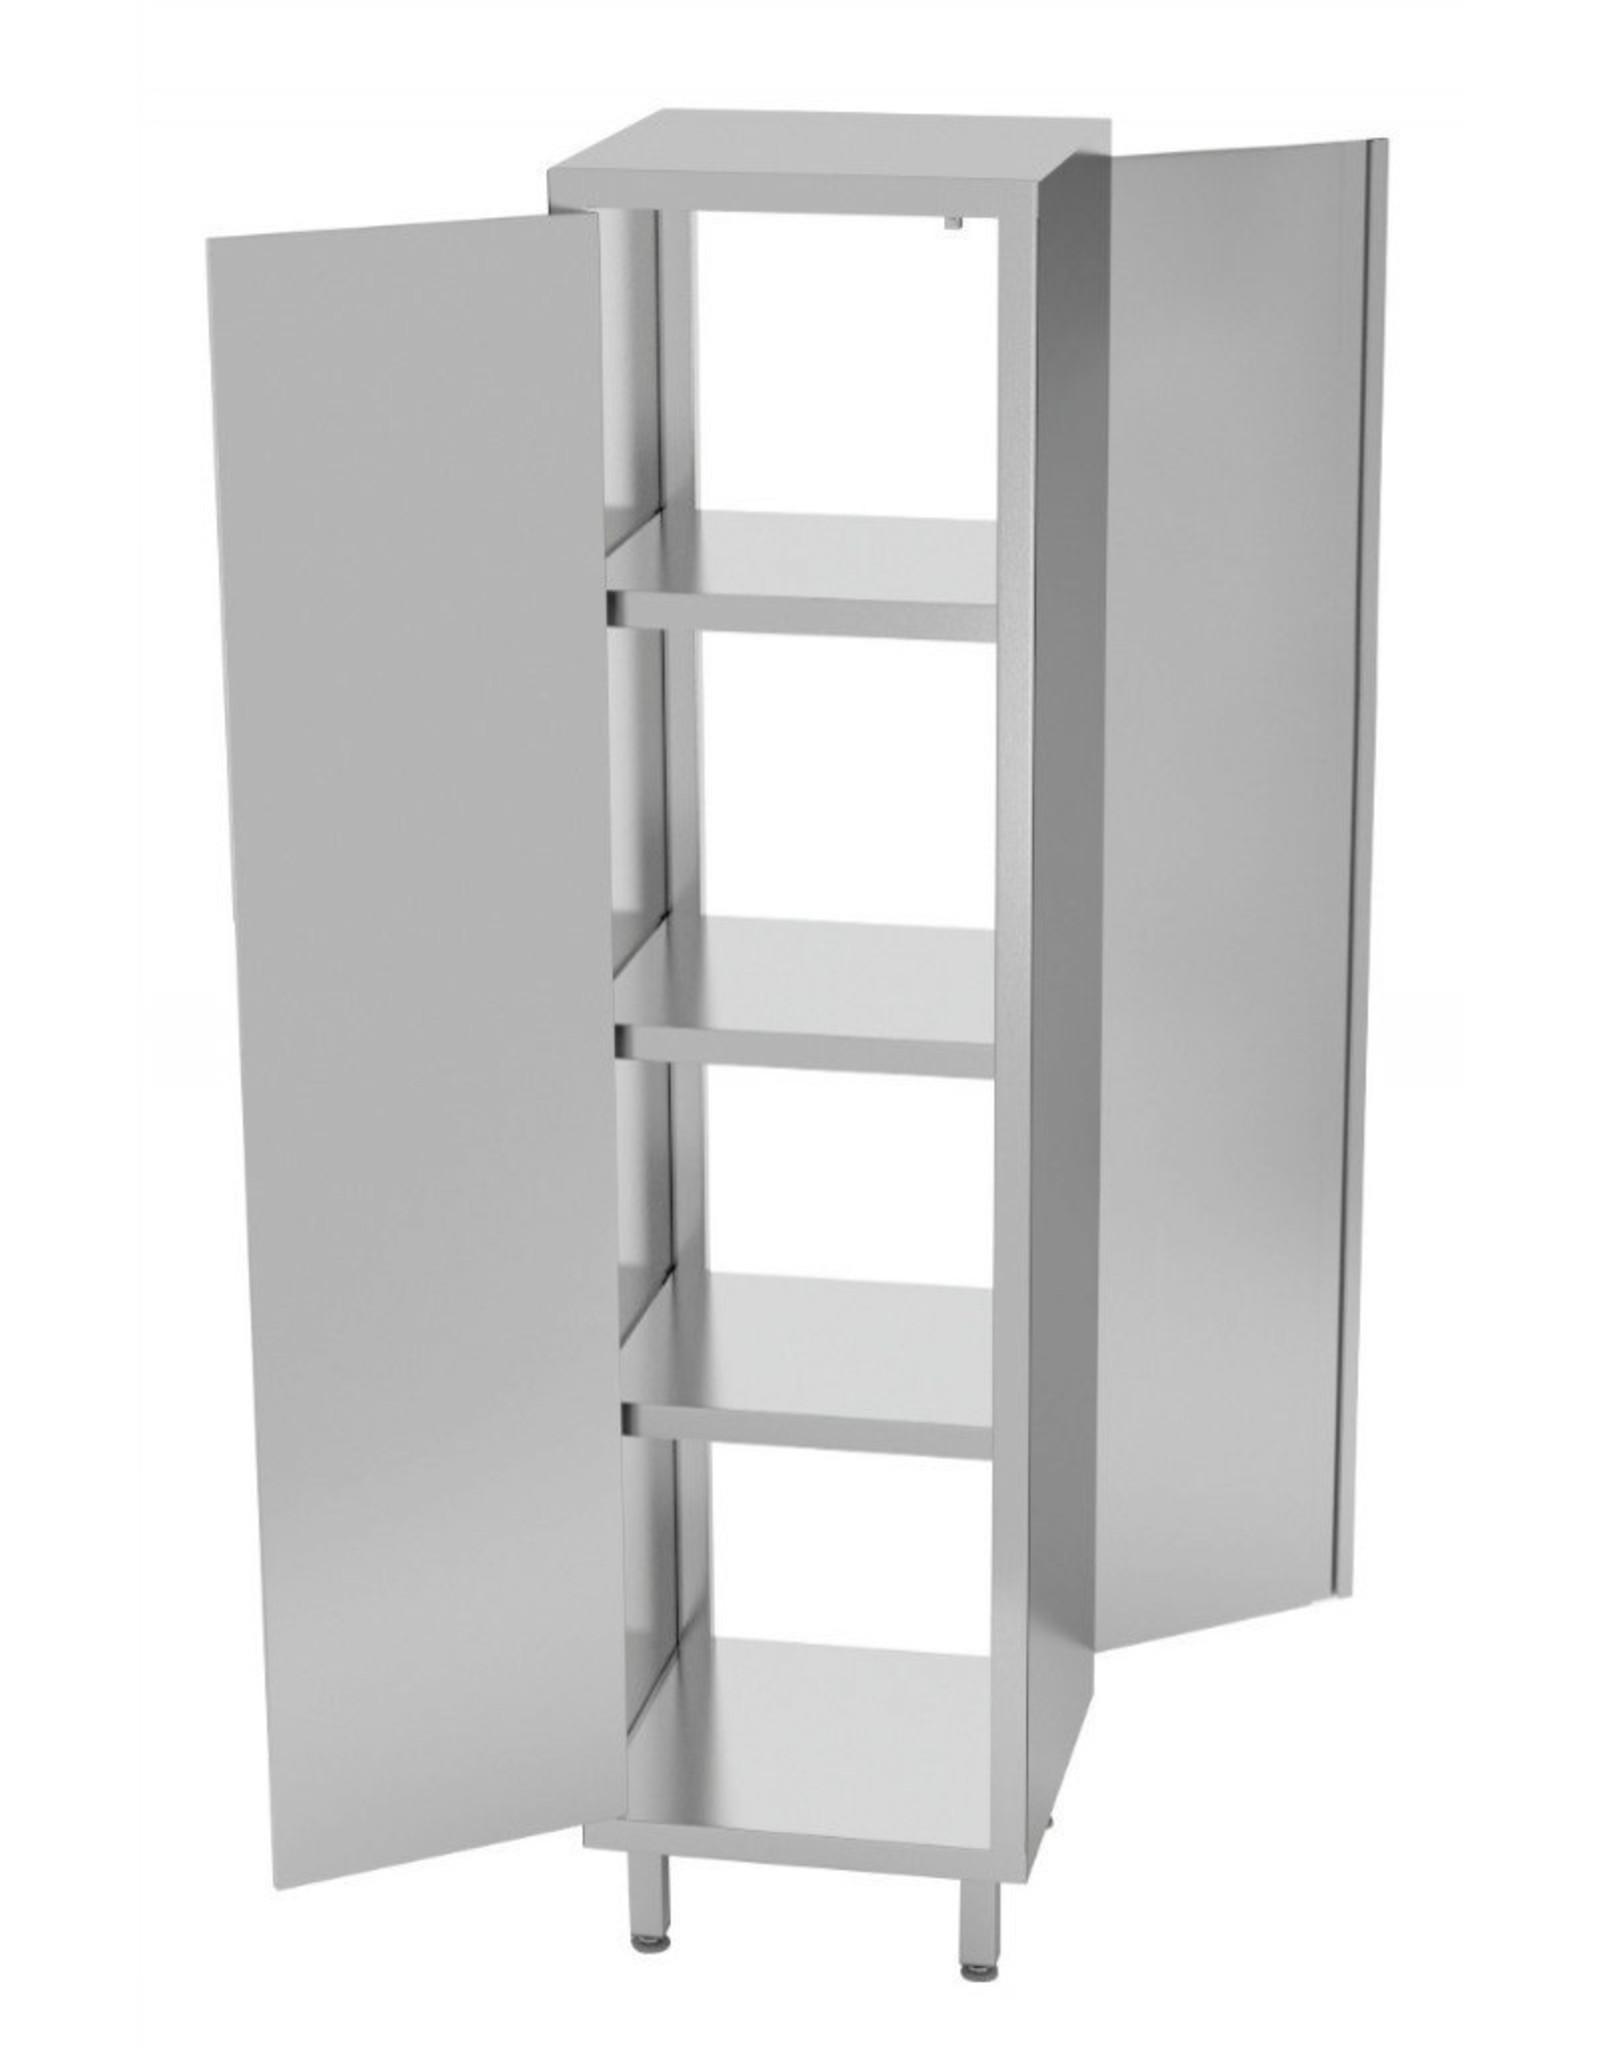 Kast pass-through met klapdeur | 400-600mm breed | 500-700mm diep | 1800mm hoog